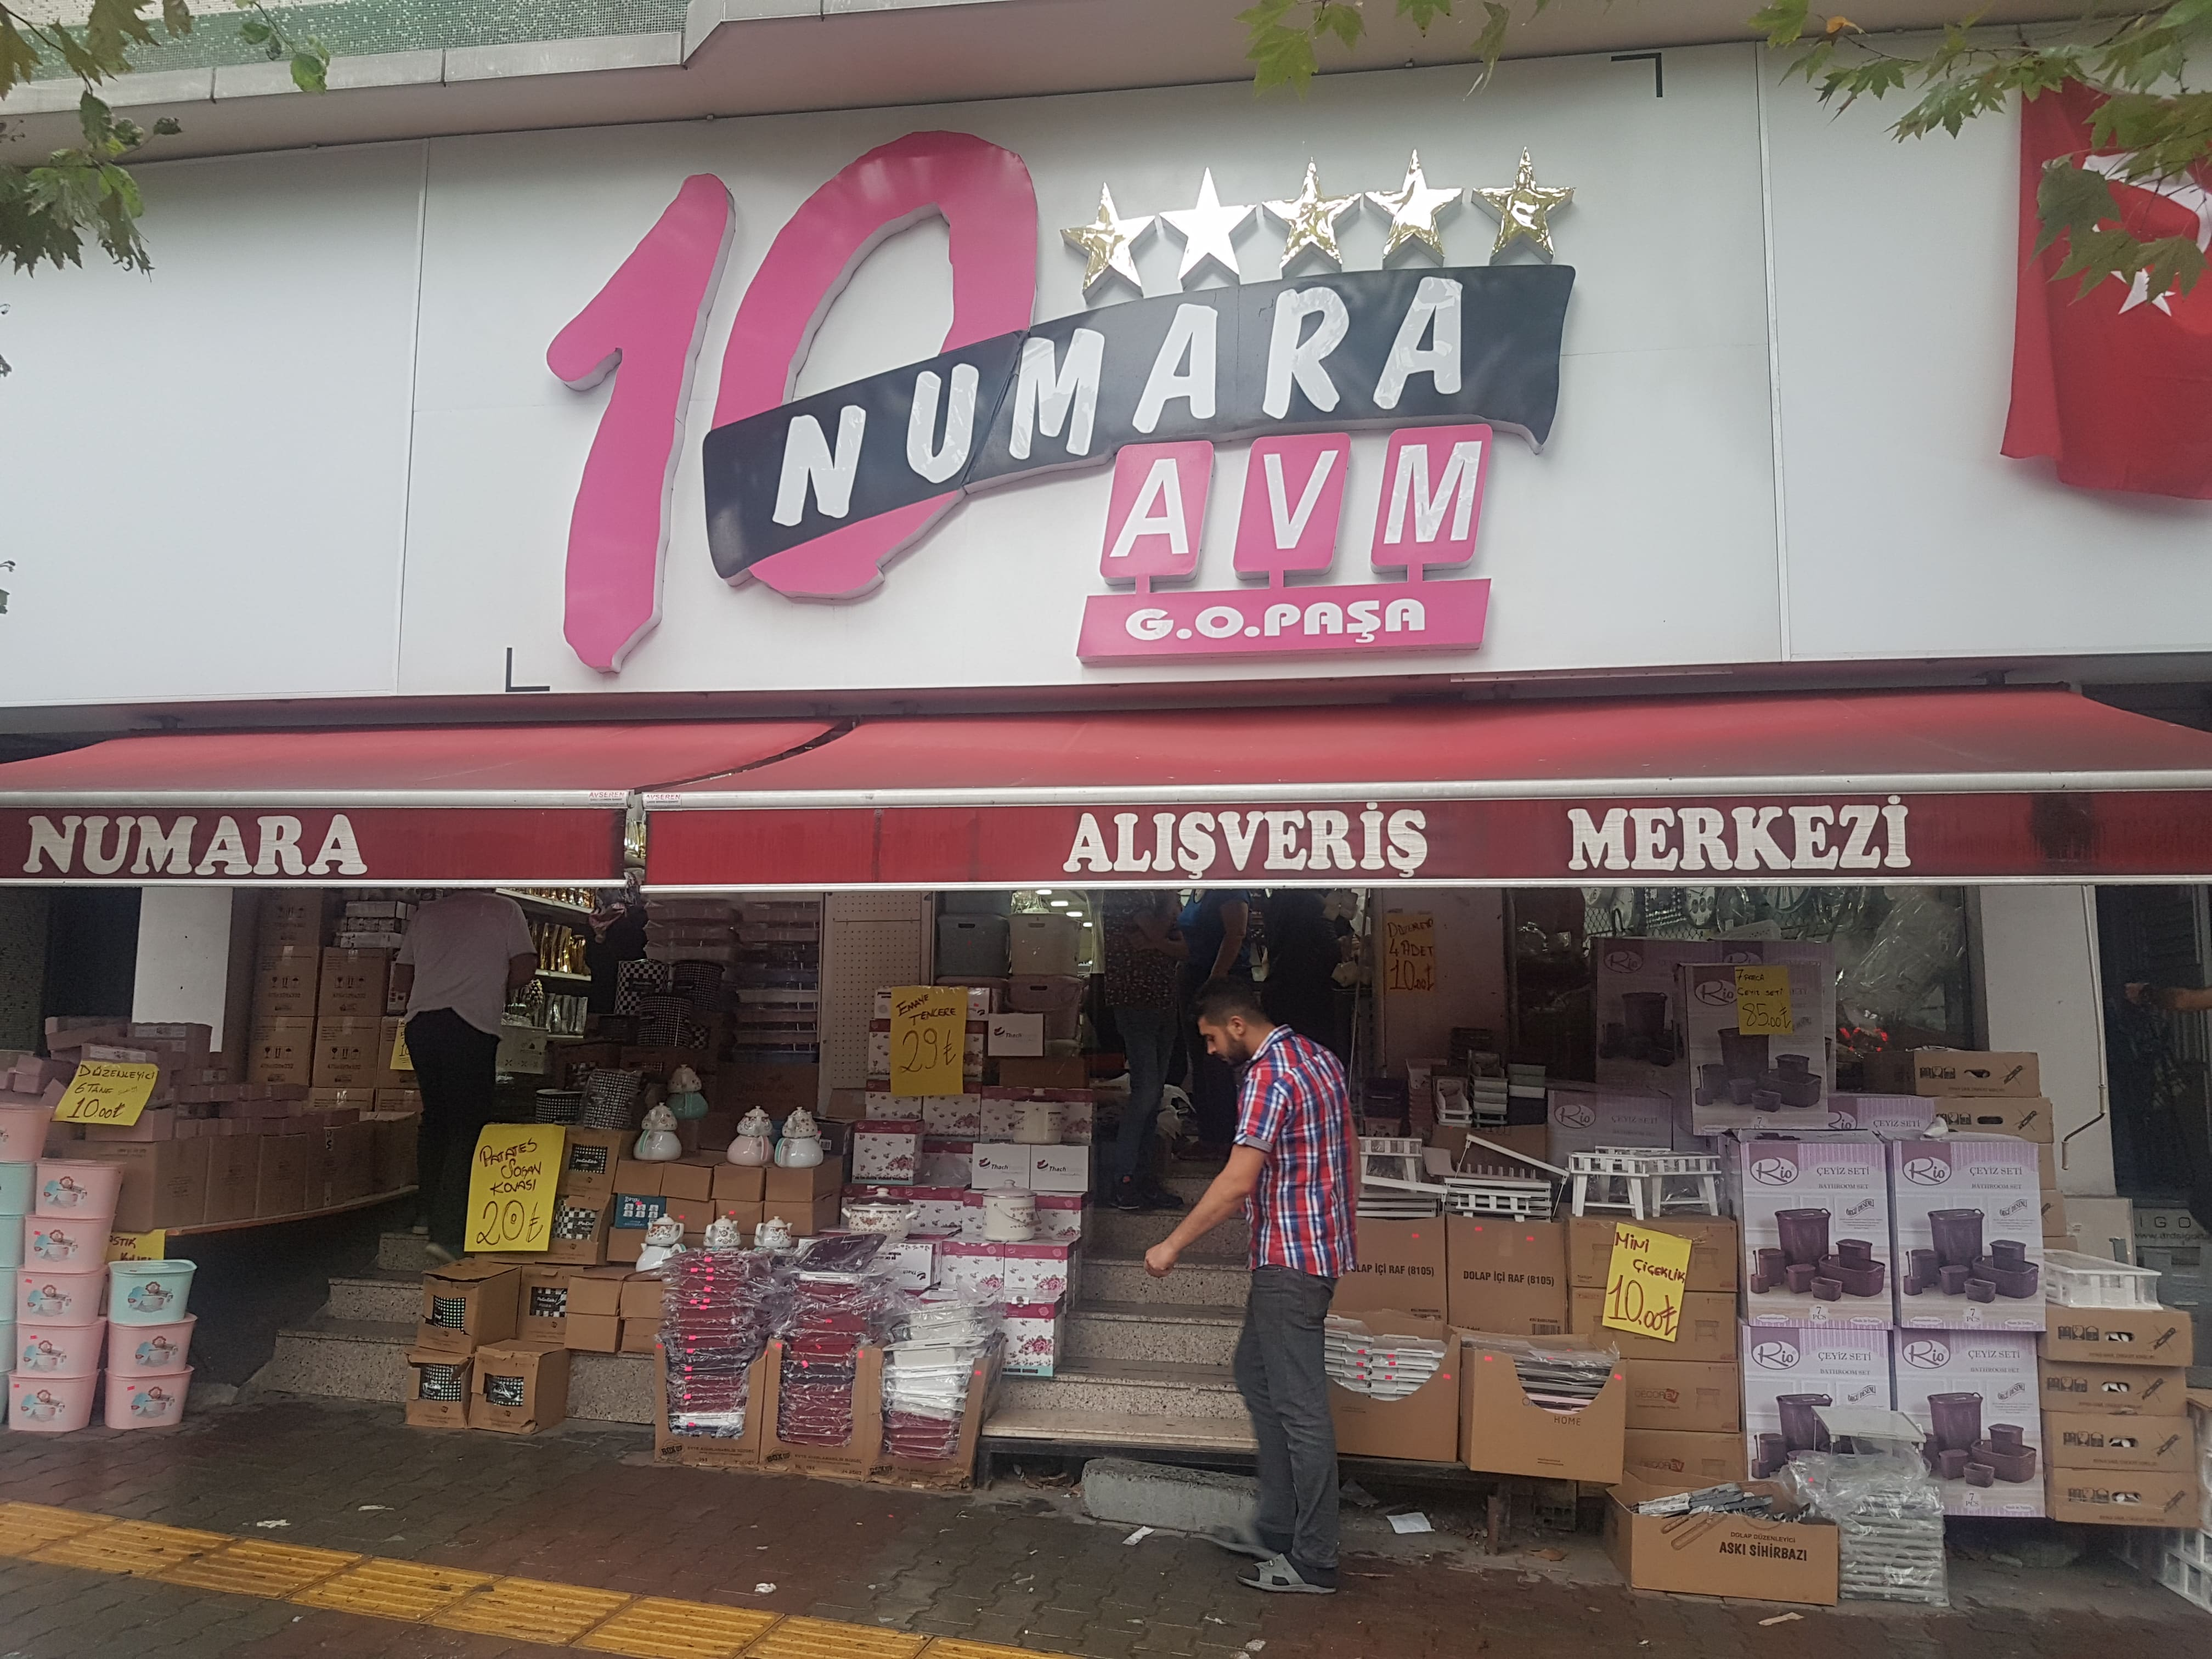 10 Numara AVM